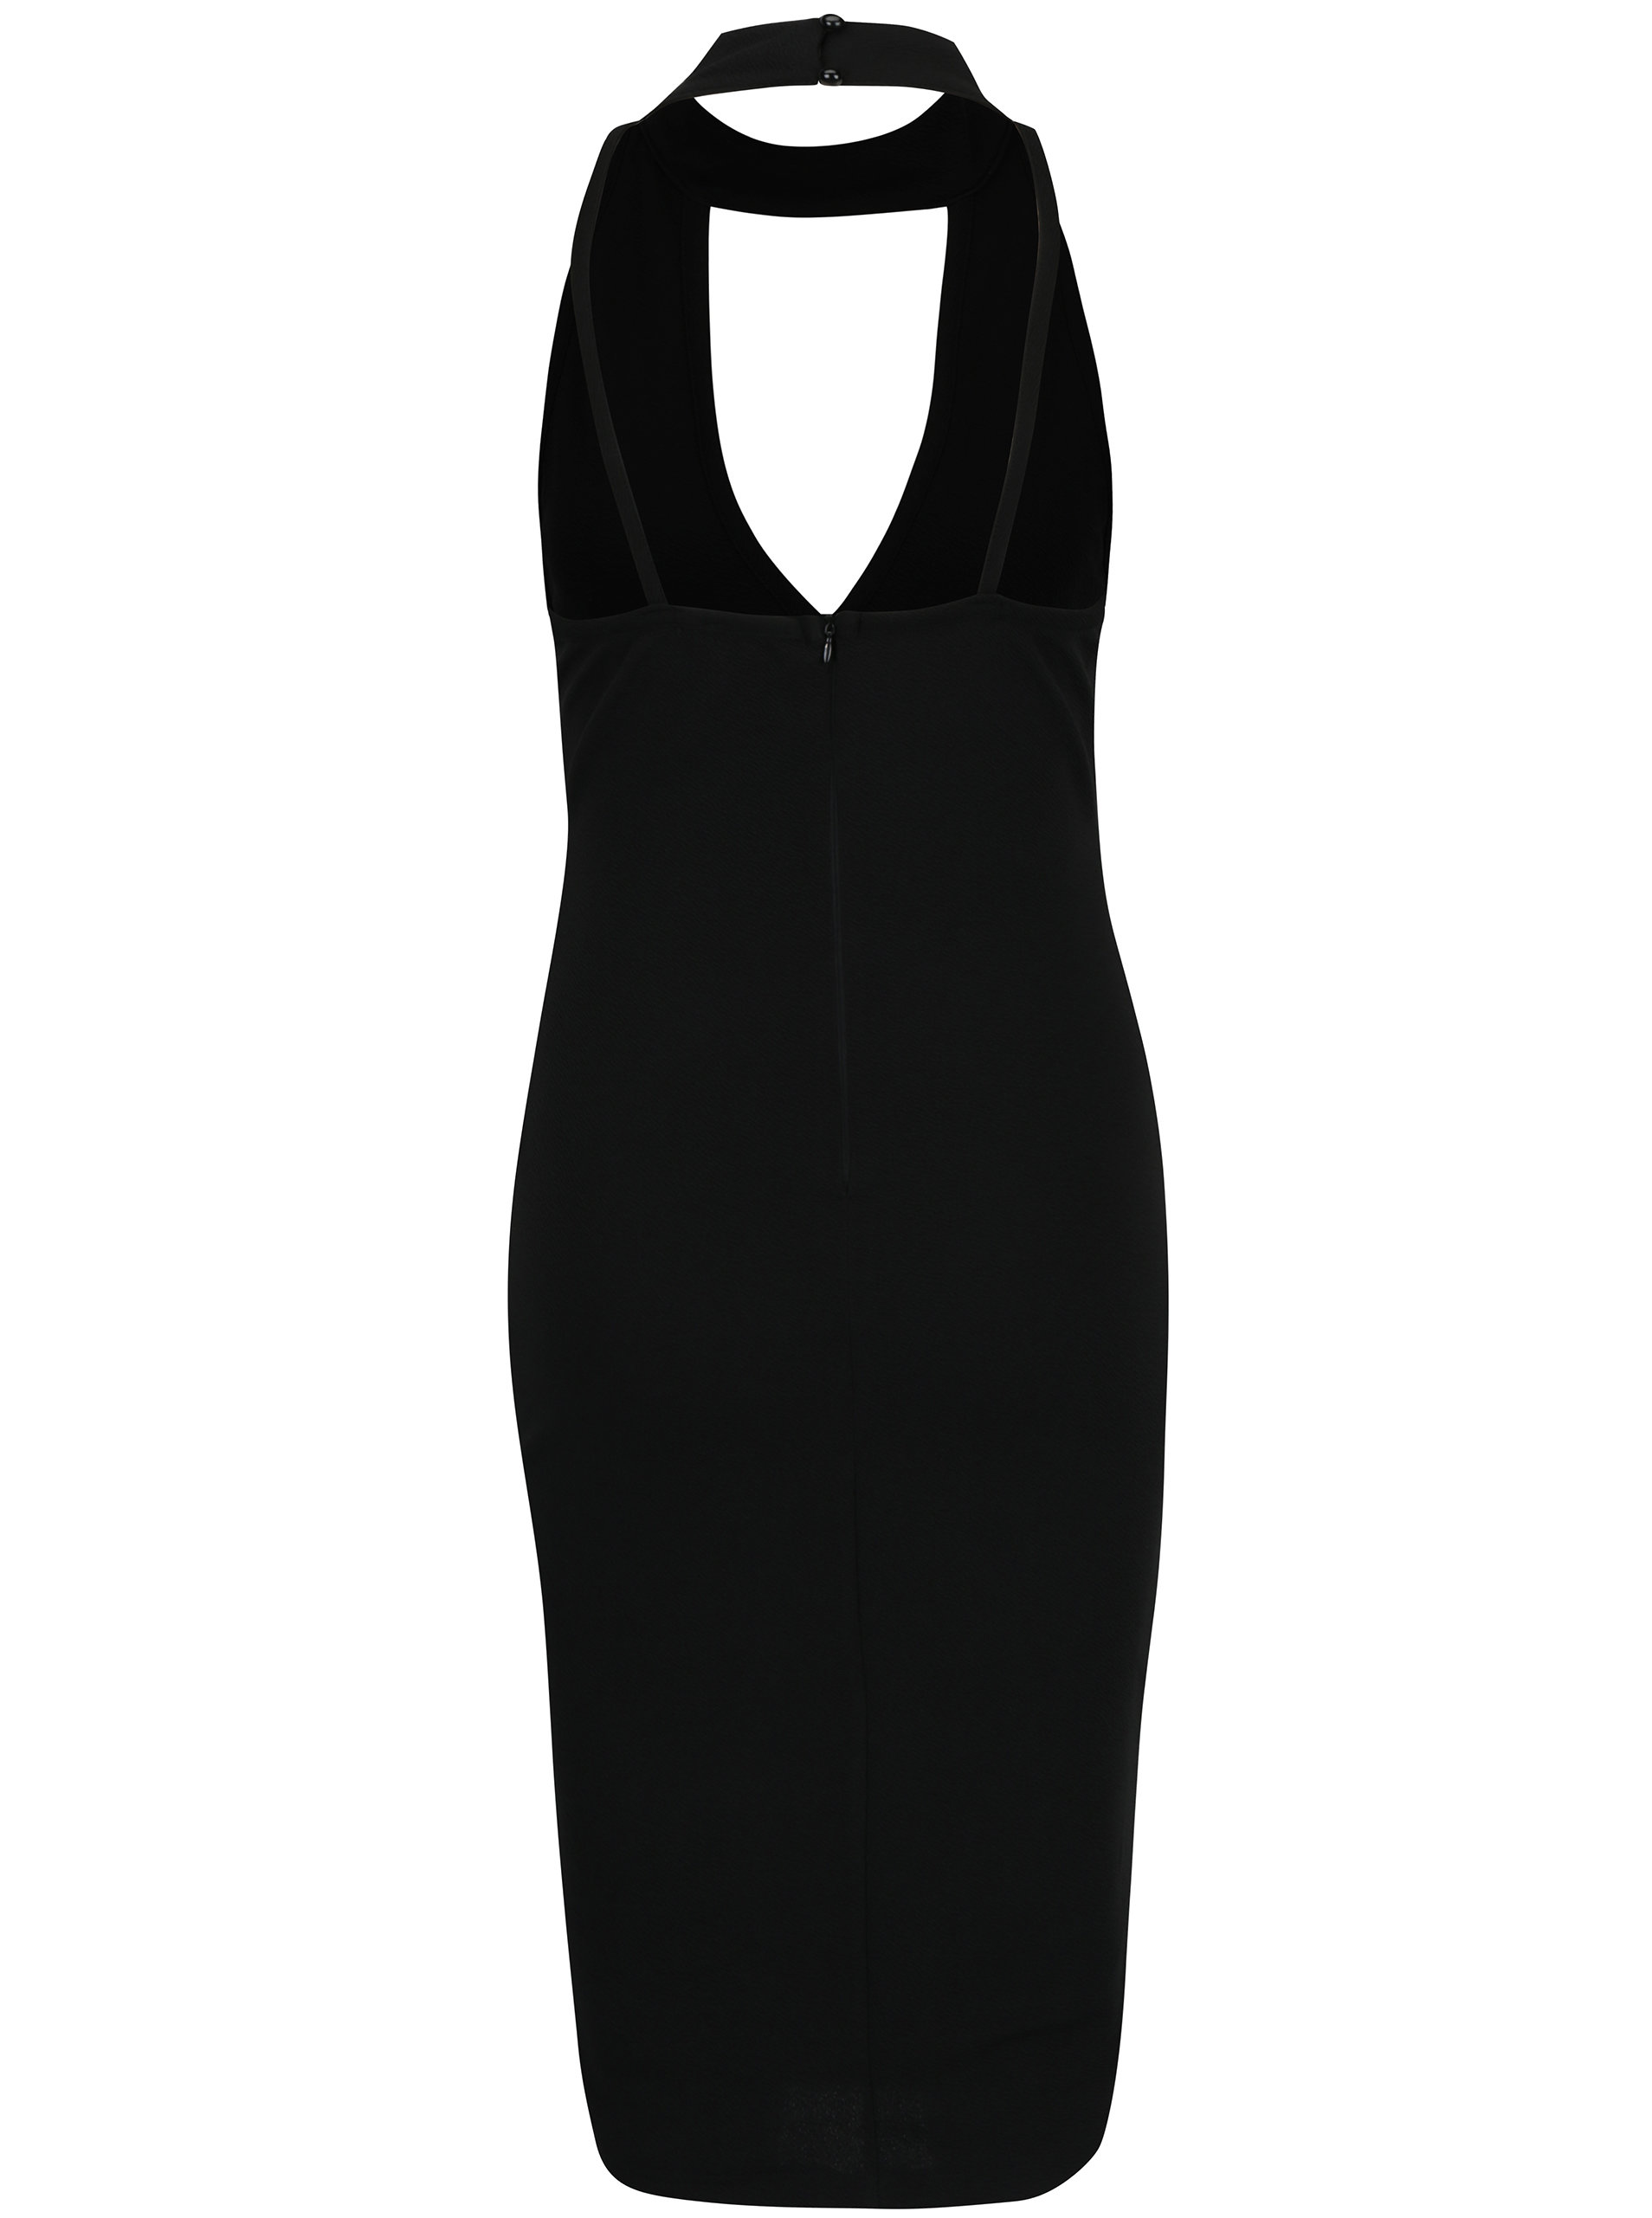 f96150a8cdf0 Čierne puzdrové šaty s chokerom a prestrihom v dekolte AX Paris ...